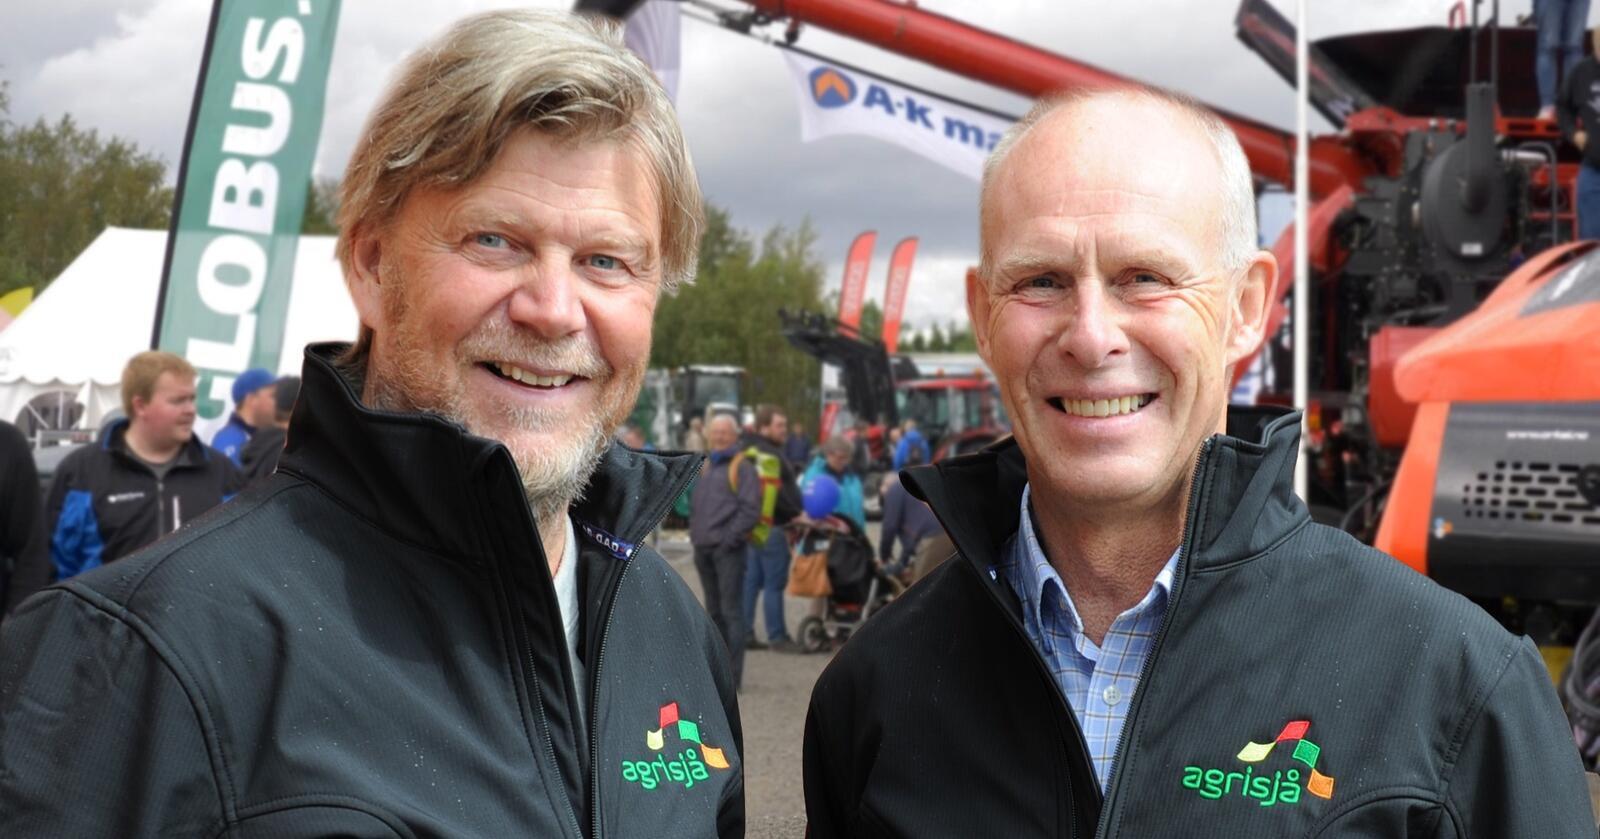 GODT FORNØYD: Messeleder Ole T. Hofstad og styreleder Jan Yngvar Kiel er godt fornøyd med at arrangørselskapet nå er rustet til ny Agrisjå-messe i august 2023.